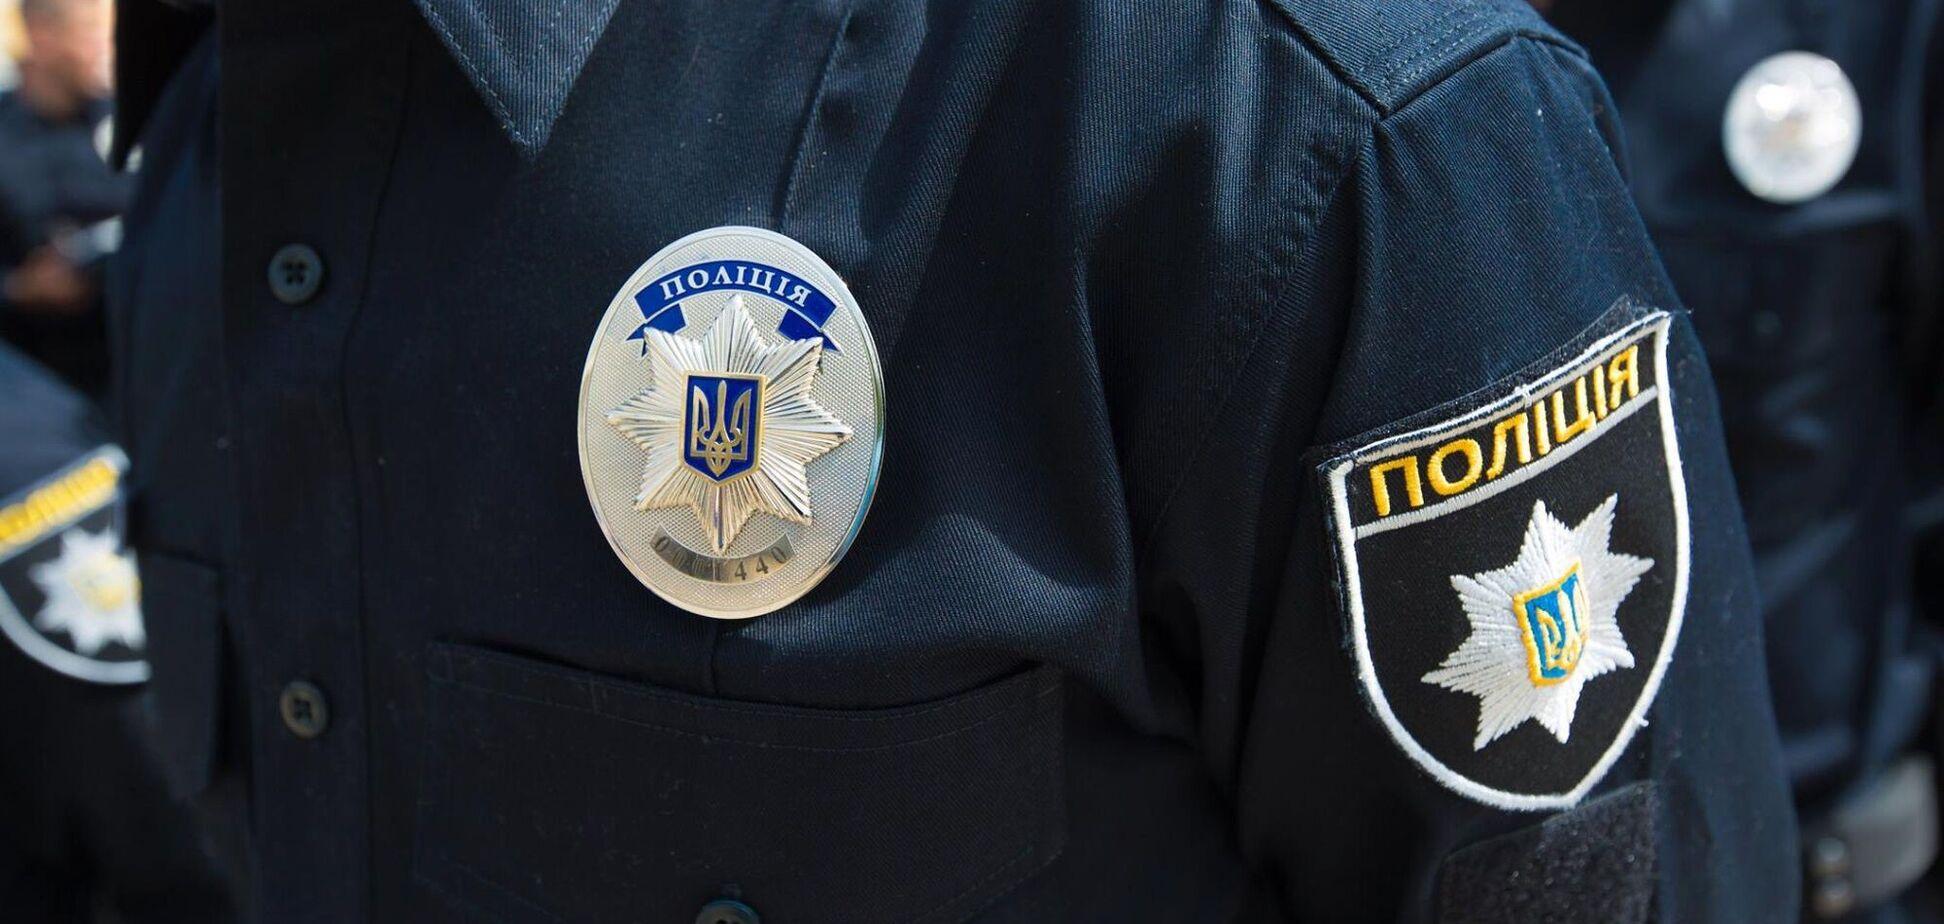 На Київщині в ДТП загинуло двоє людей, ще троє – постраждали. Ілюстрація